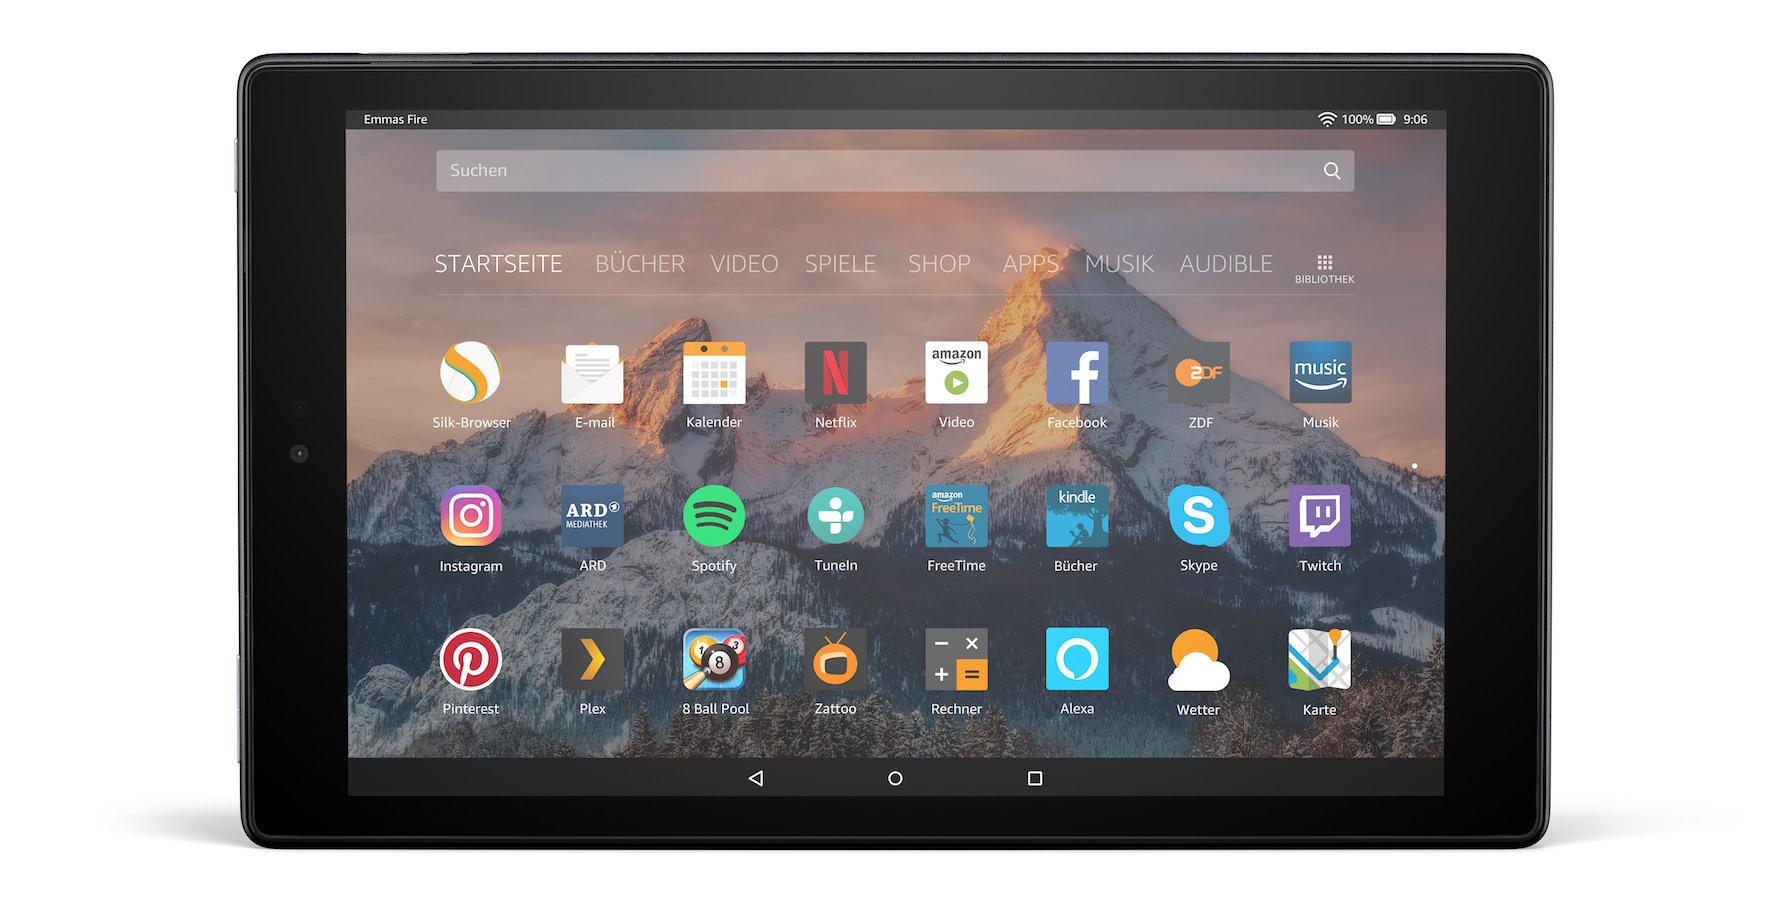 Amazon Fire HD 10 (2017)